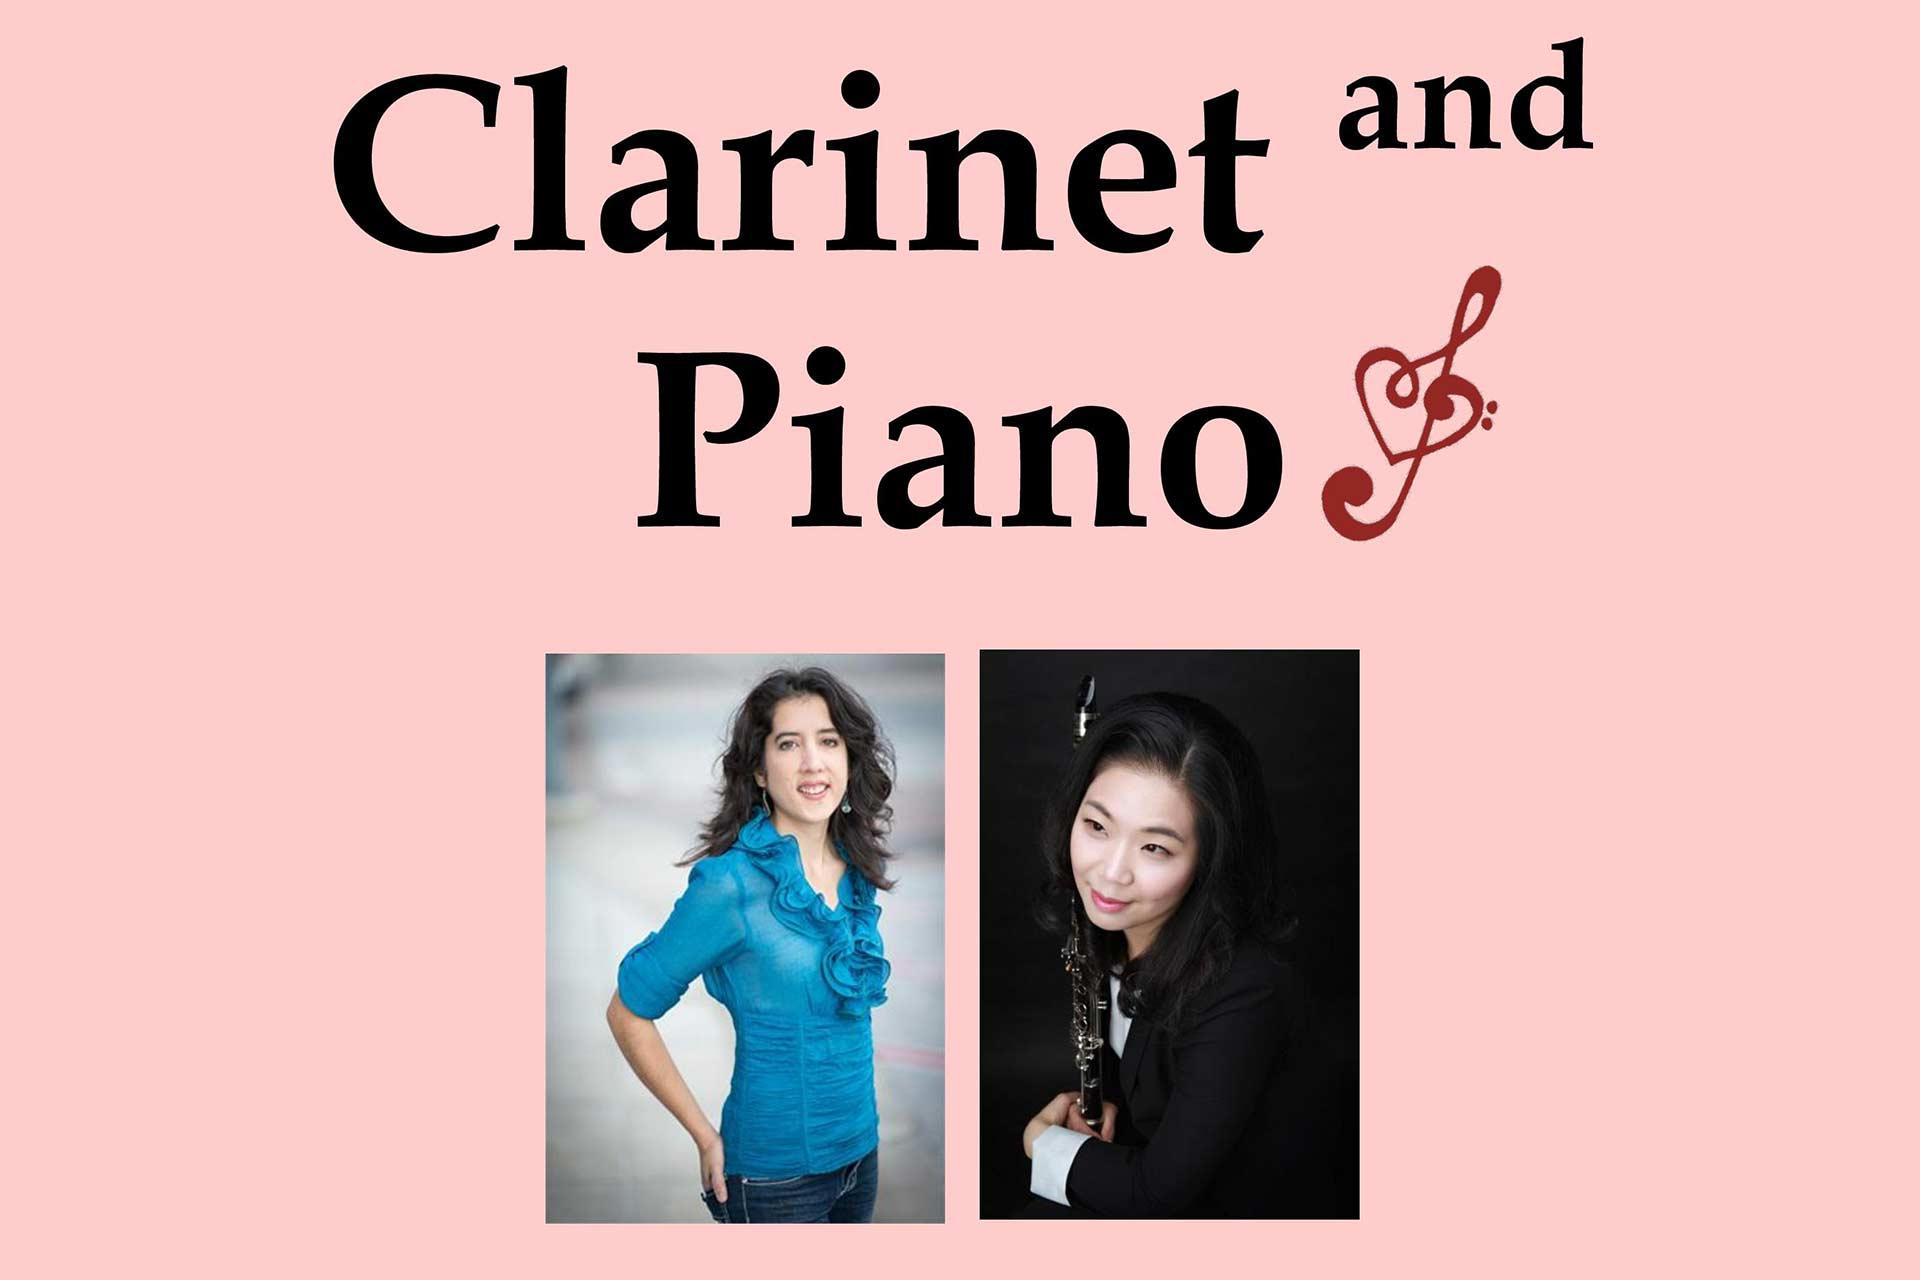 Clarinet and Piano